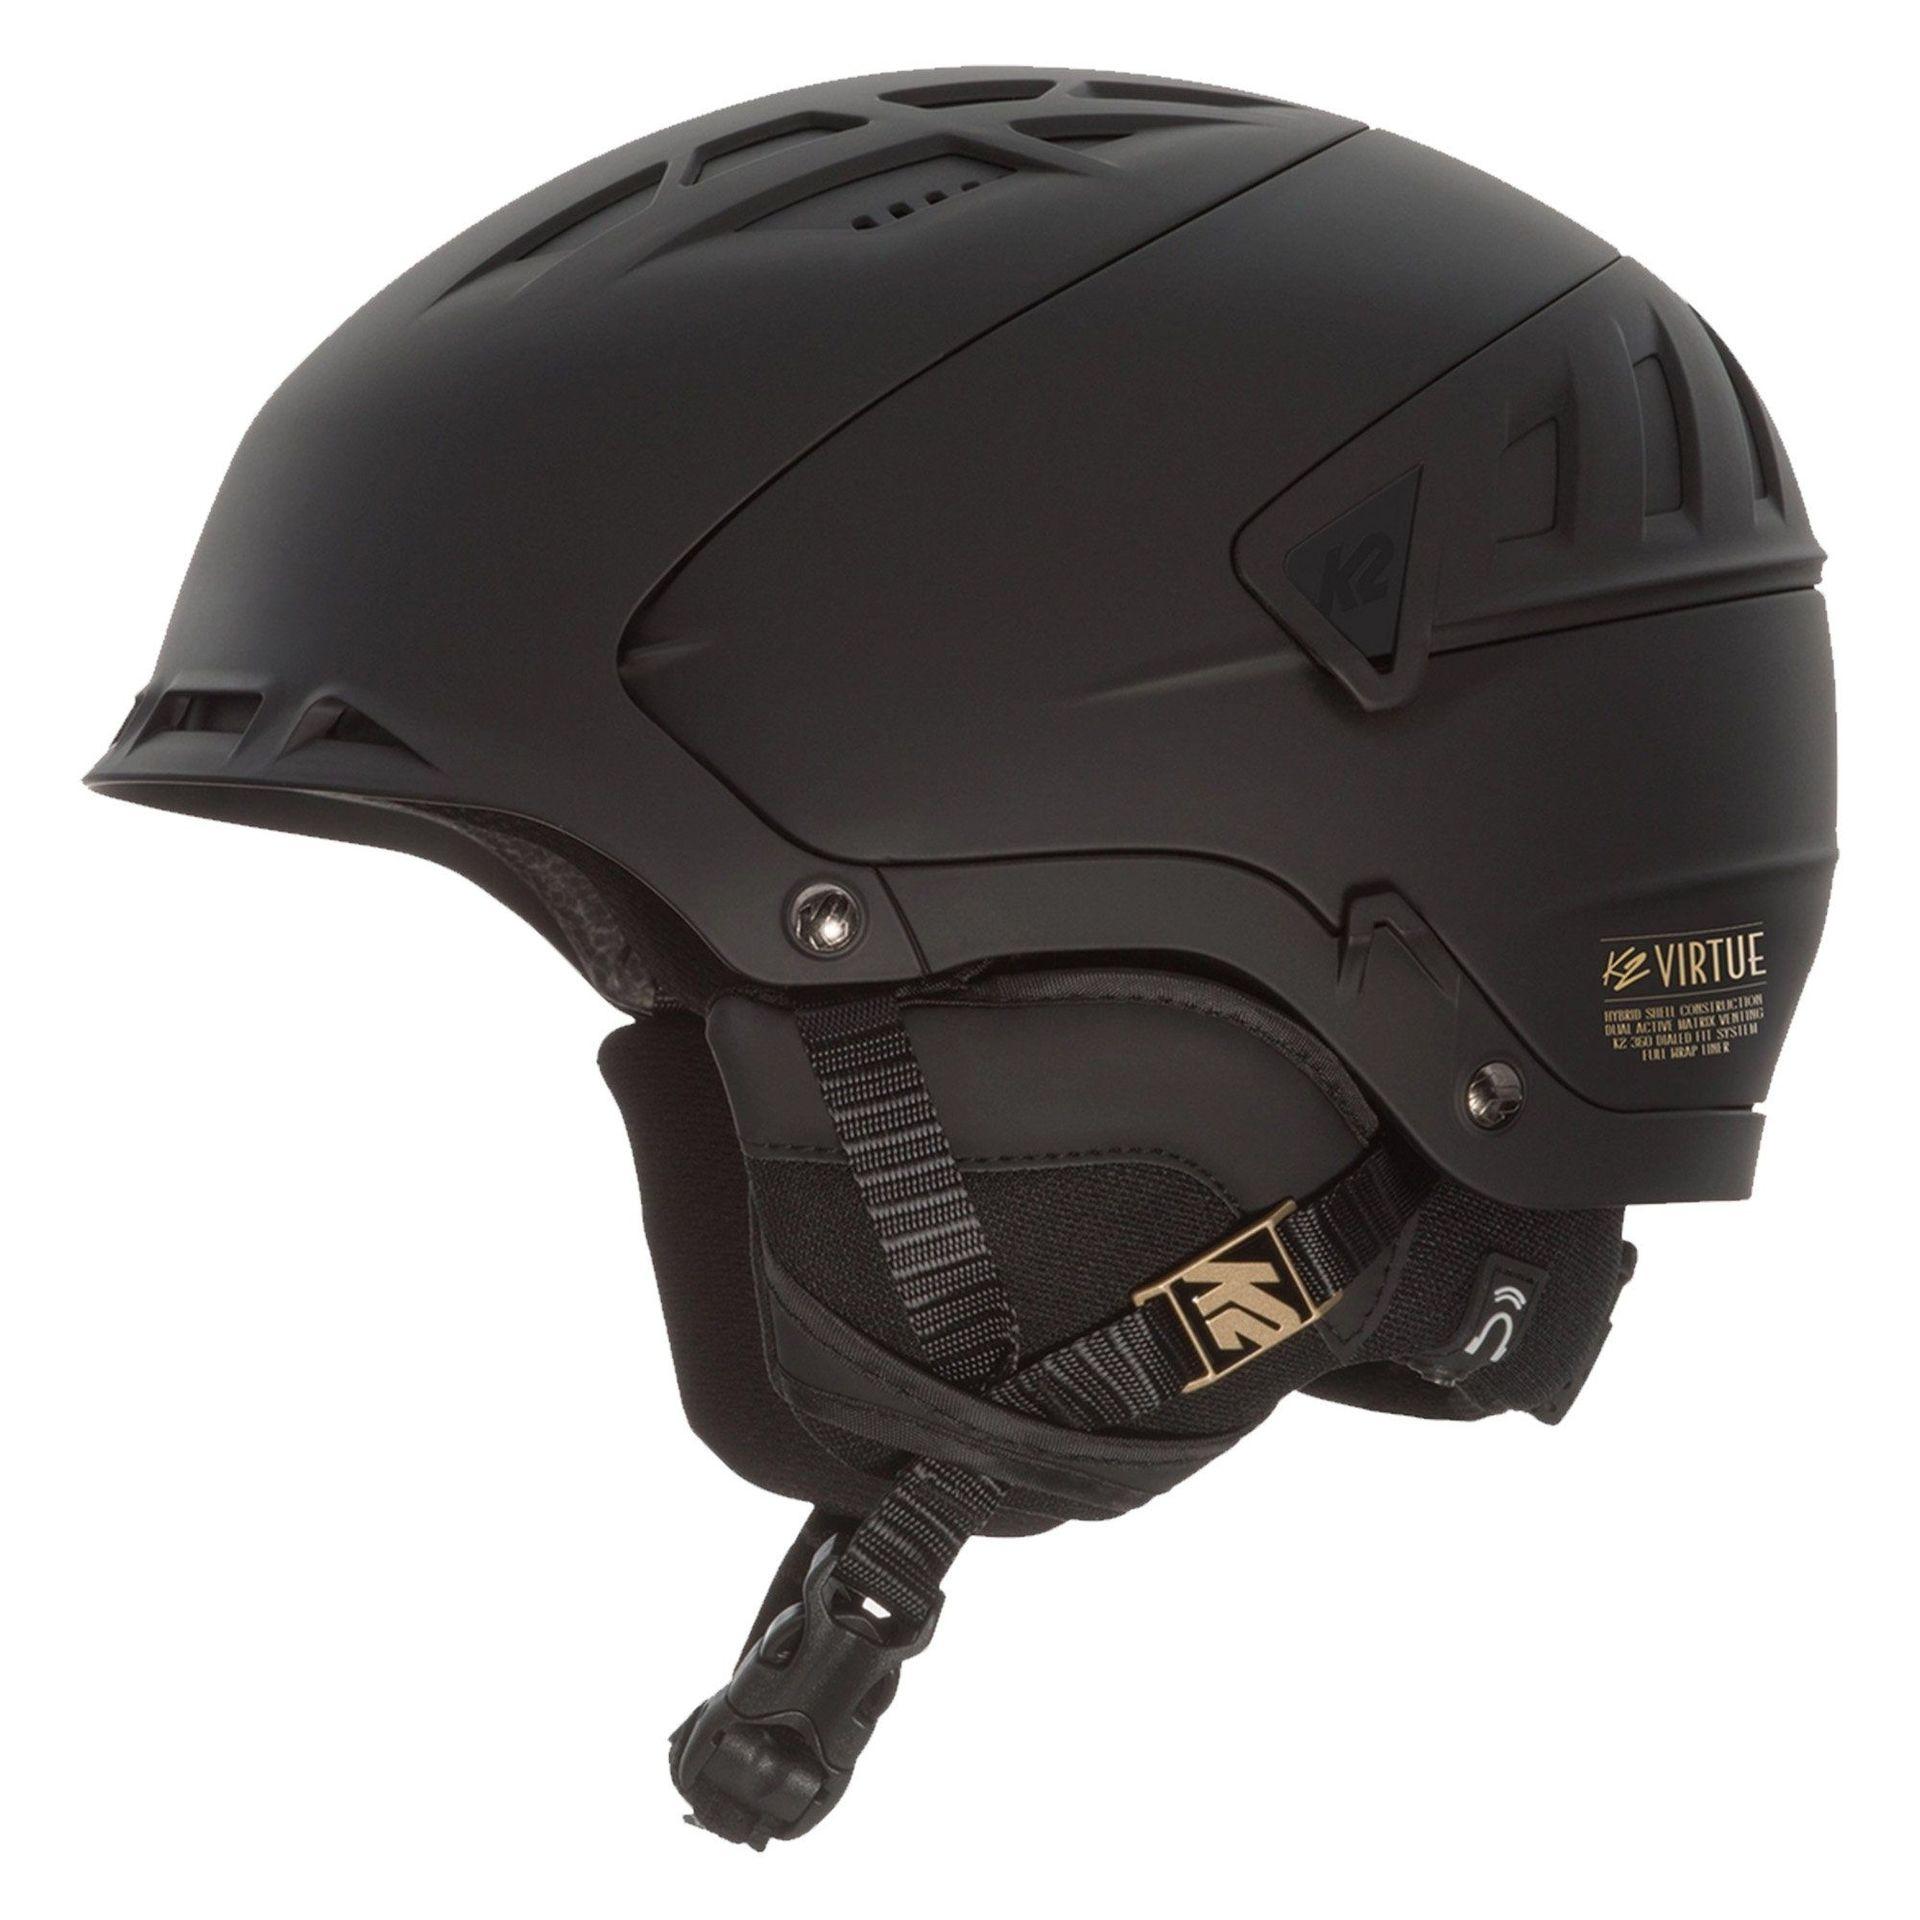 KASK K2 VIRTUE 10A4001-11 BLACK